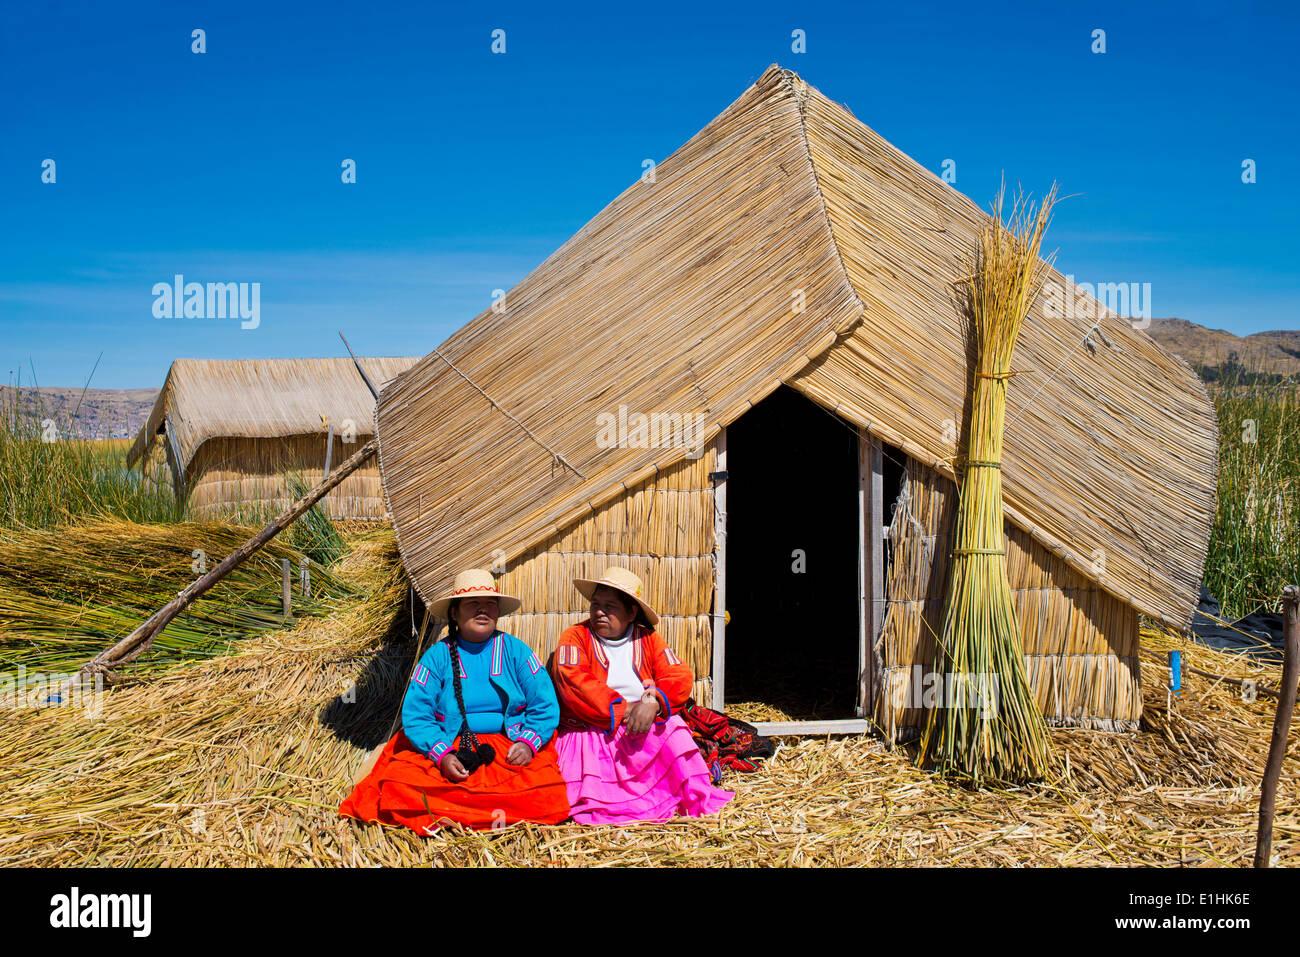 Deux femmes de l'Uro portant des vêtements traditionnels indiens assis en face d'une hutte de roseaux, îles flottantes faites de roseaux totora Photo Stock